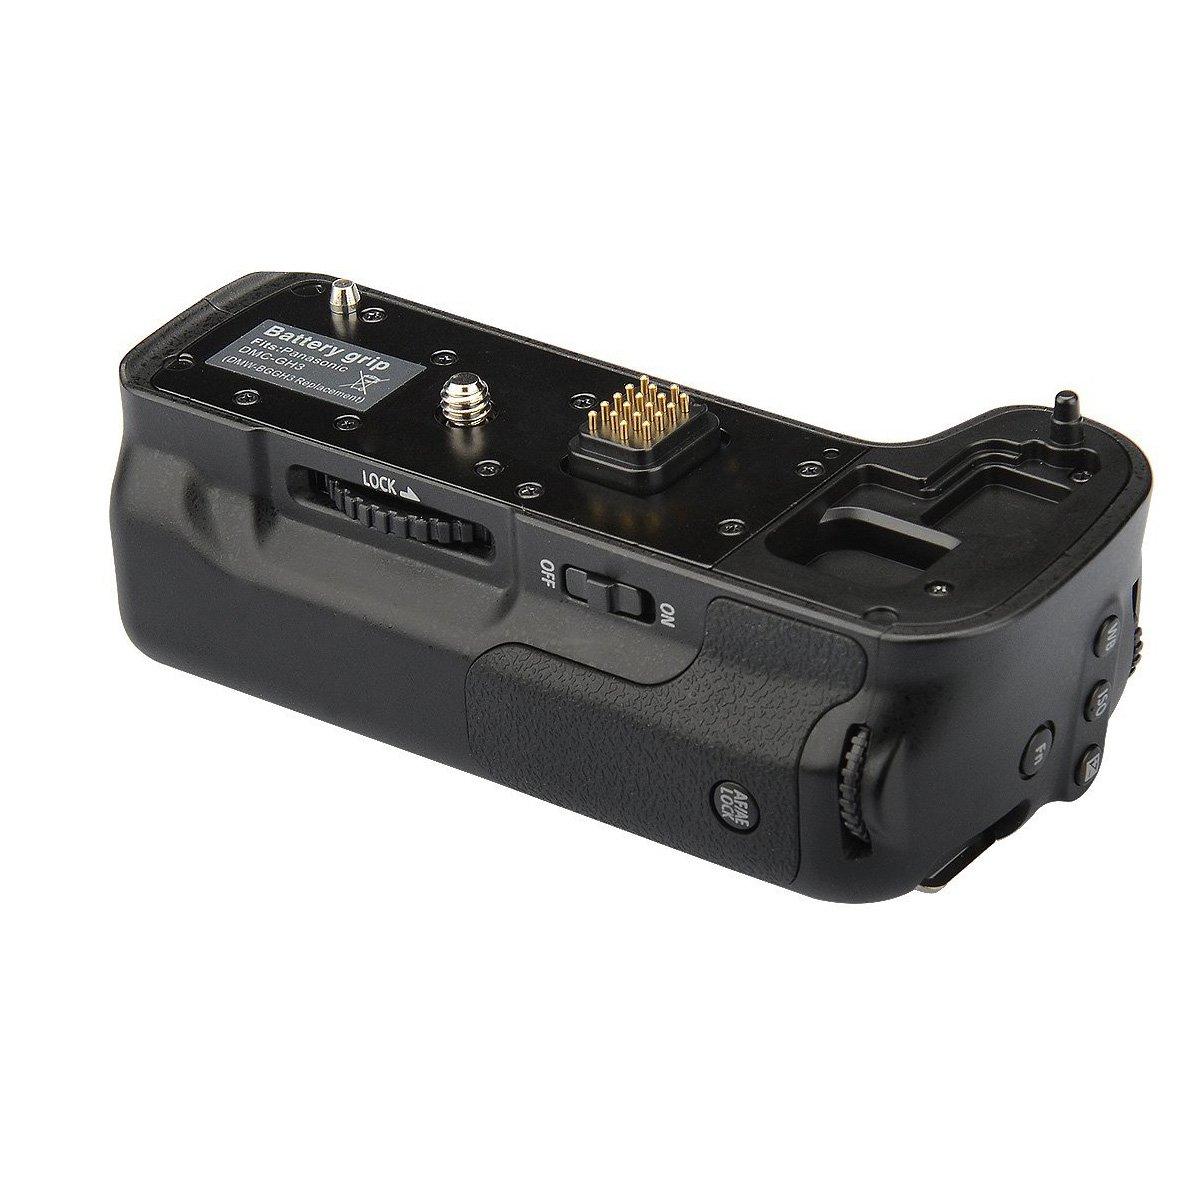 Grip De Bateria Para Camara Panasonic Lumix Gh3 Lumix Gh4